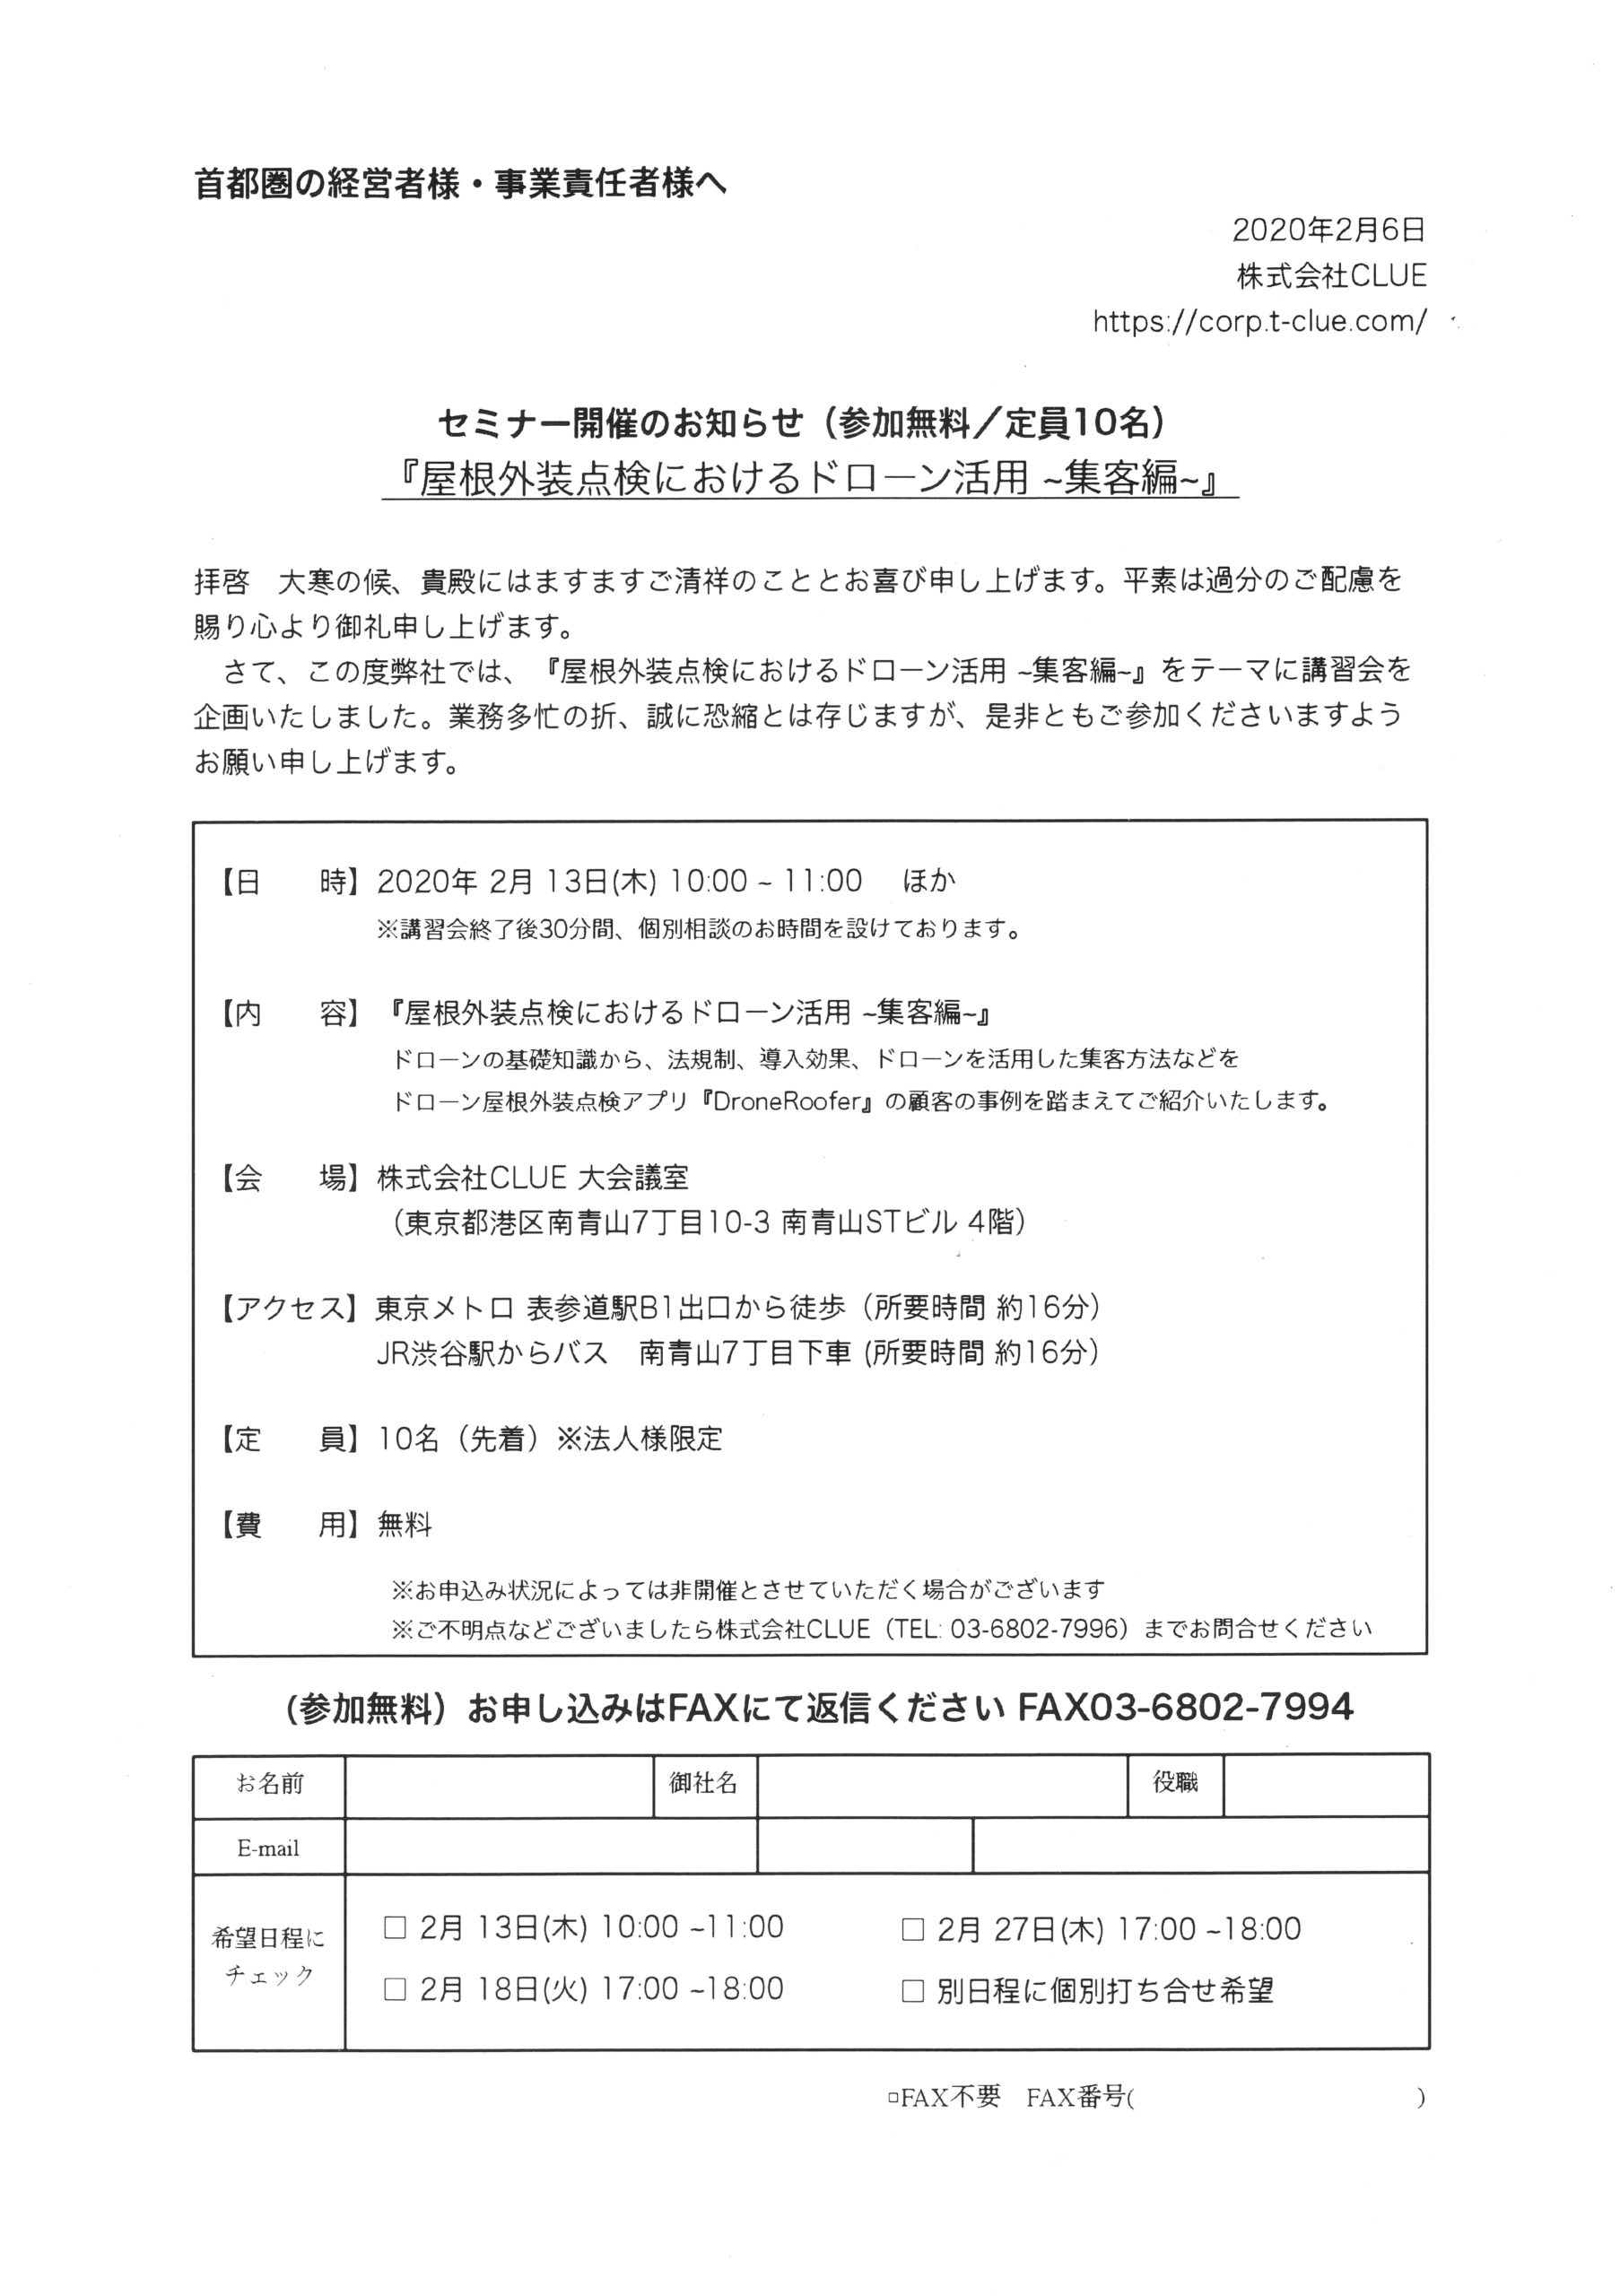 【セミナー】屋根外装点検におけるドローン活用